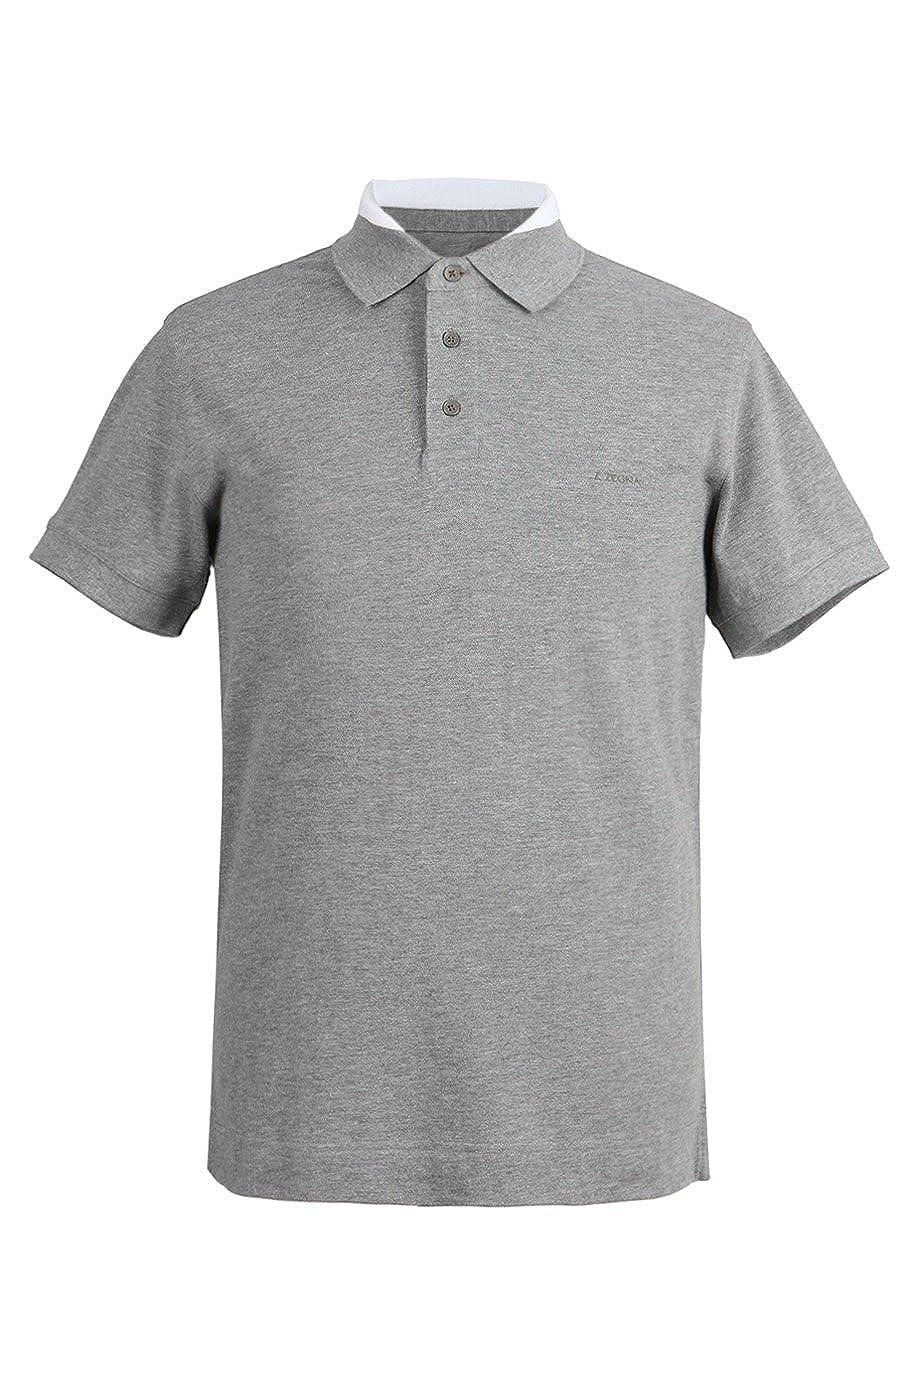 026b28c0 Z ZEGNA Gray Double Collar 100% Cotton Pique Short Sleeve Polo Logo ...